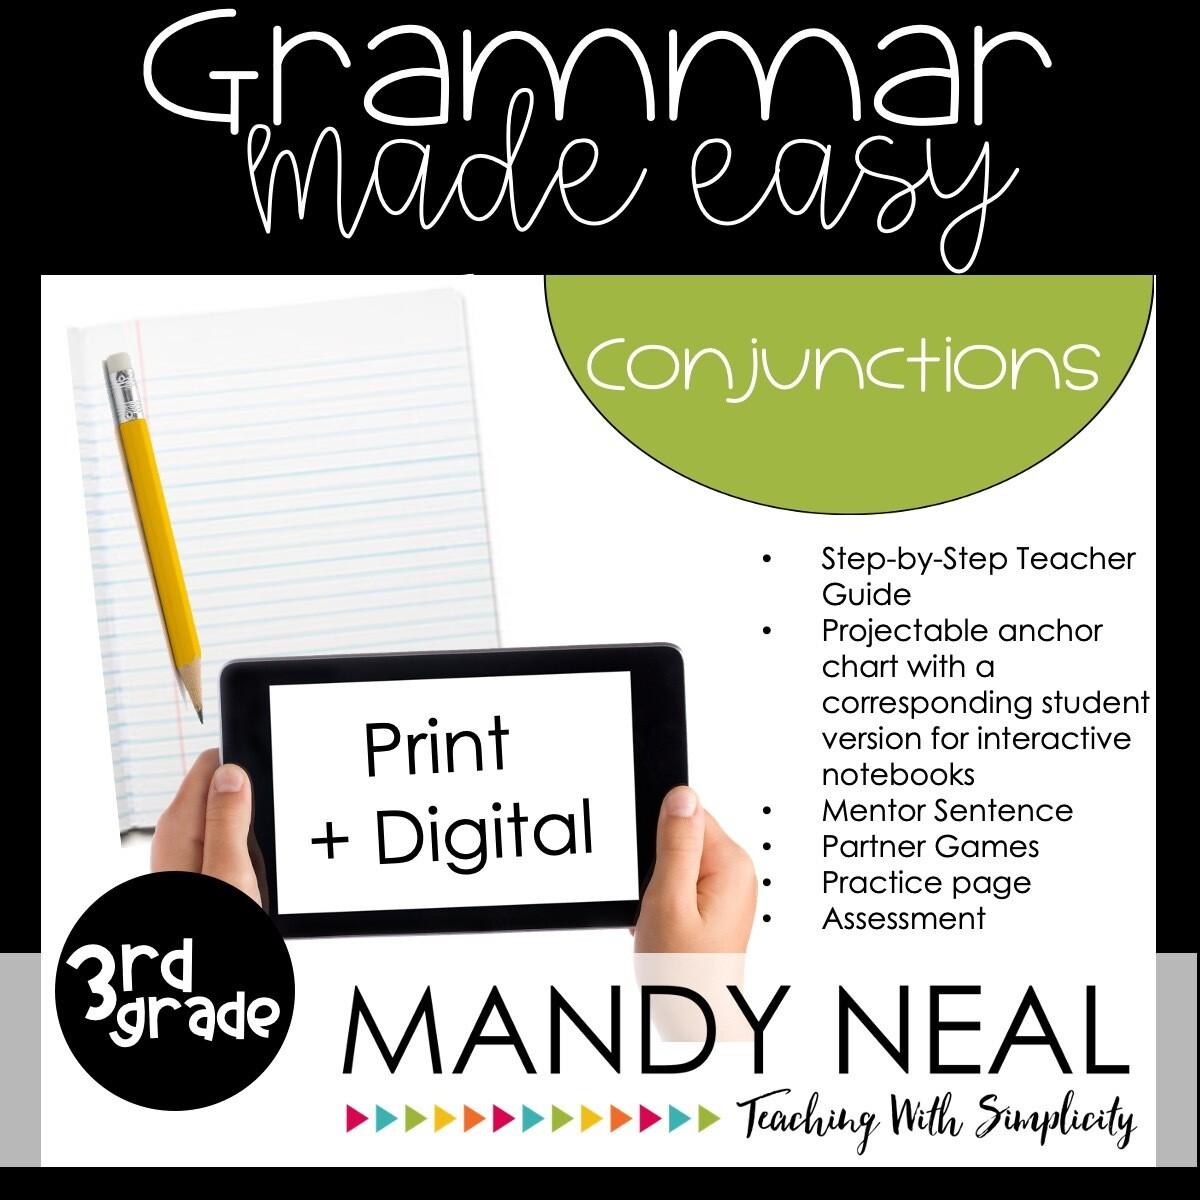 Print + Digital Third Grade Grammar Activities (Conjunctions)